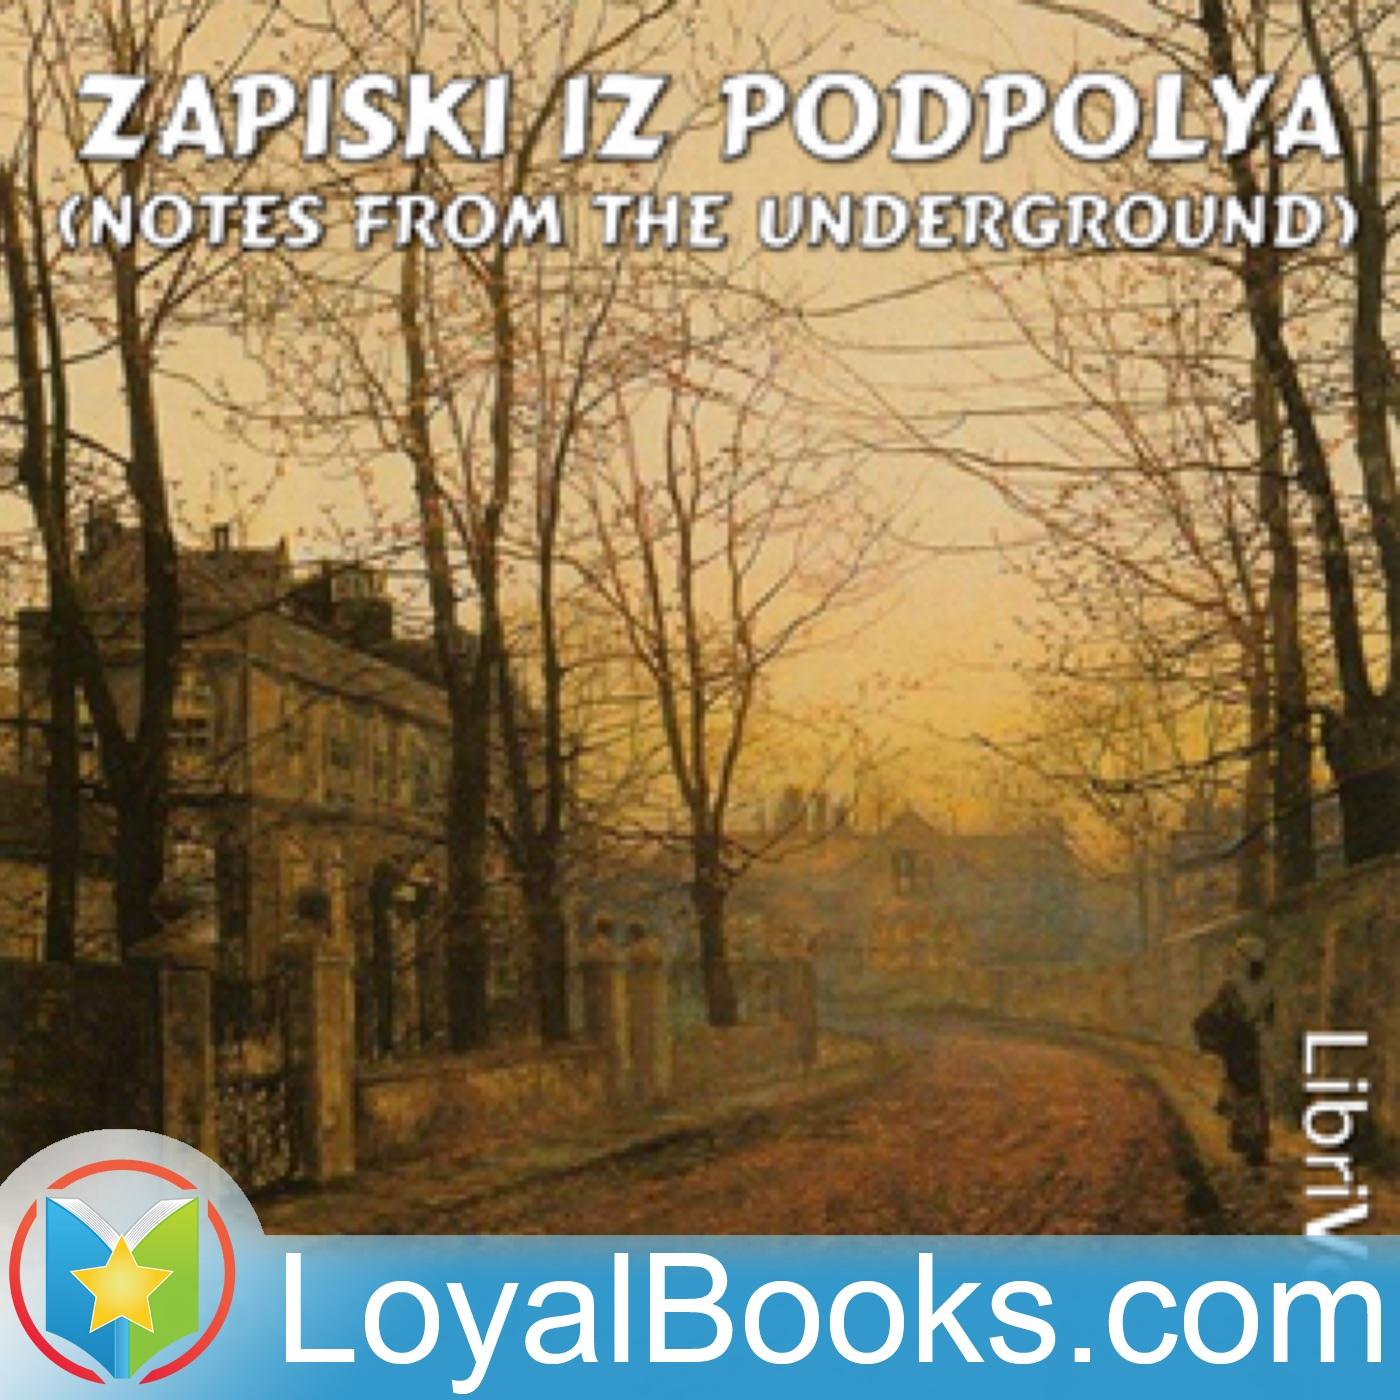 <![CDATA[Zapiski iz podpolya (Notes from the Underground) by Fyodor Dostoevsky]]>